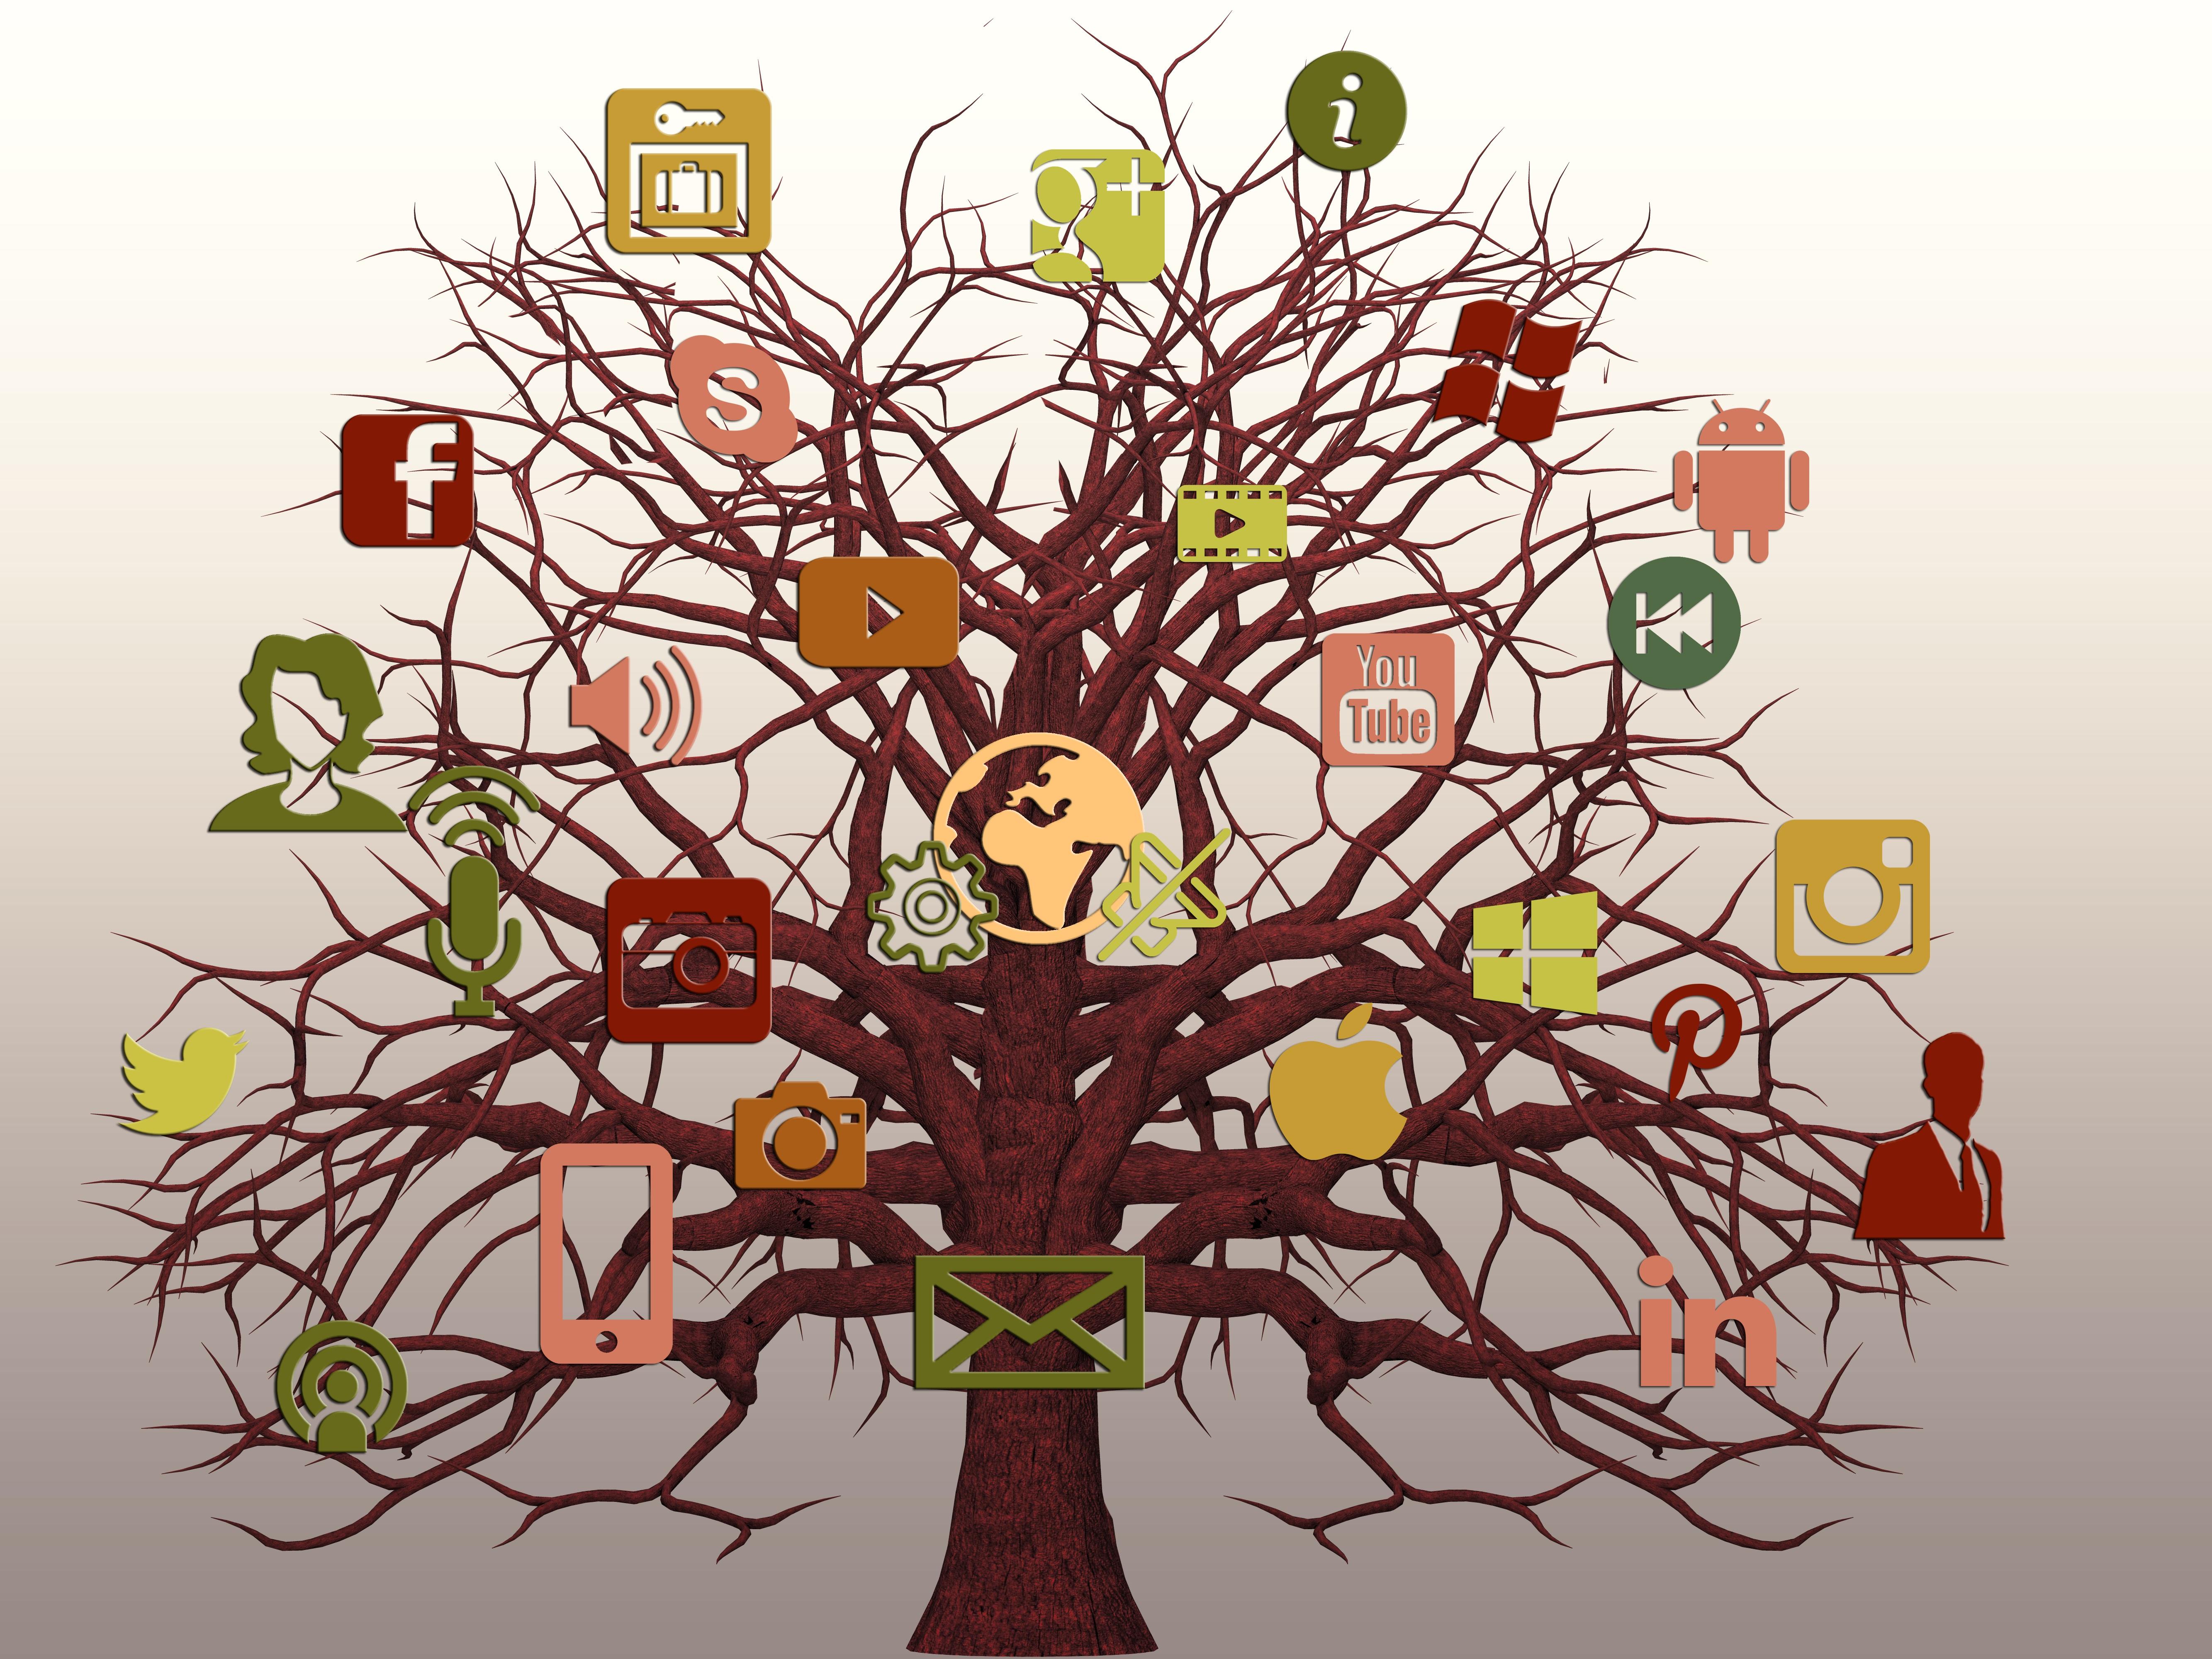 кого нет картинки дерево личности многие